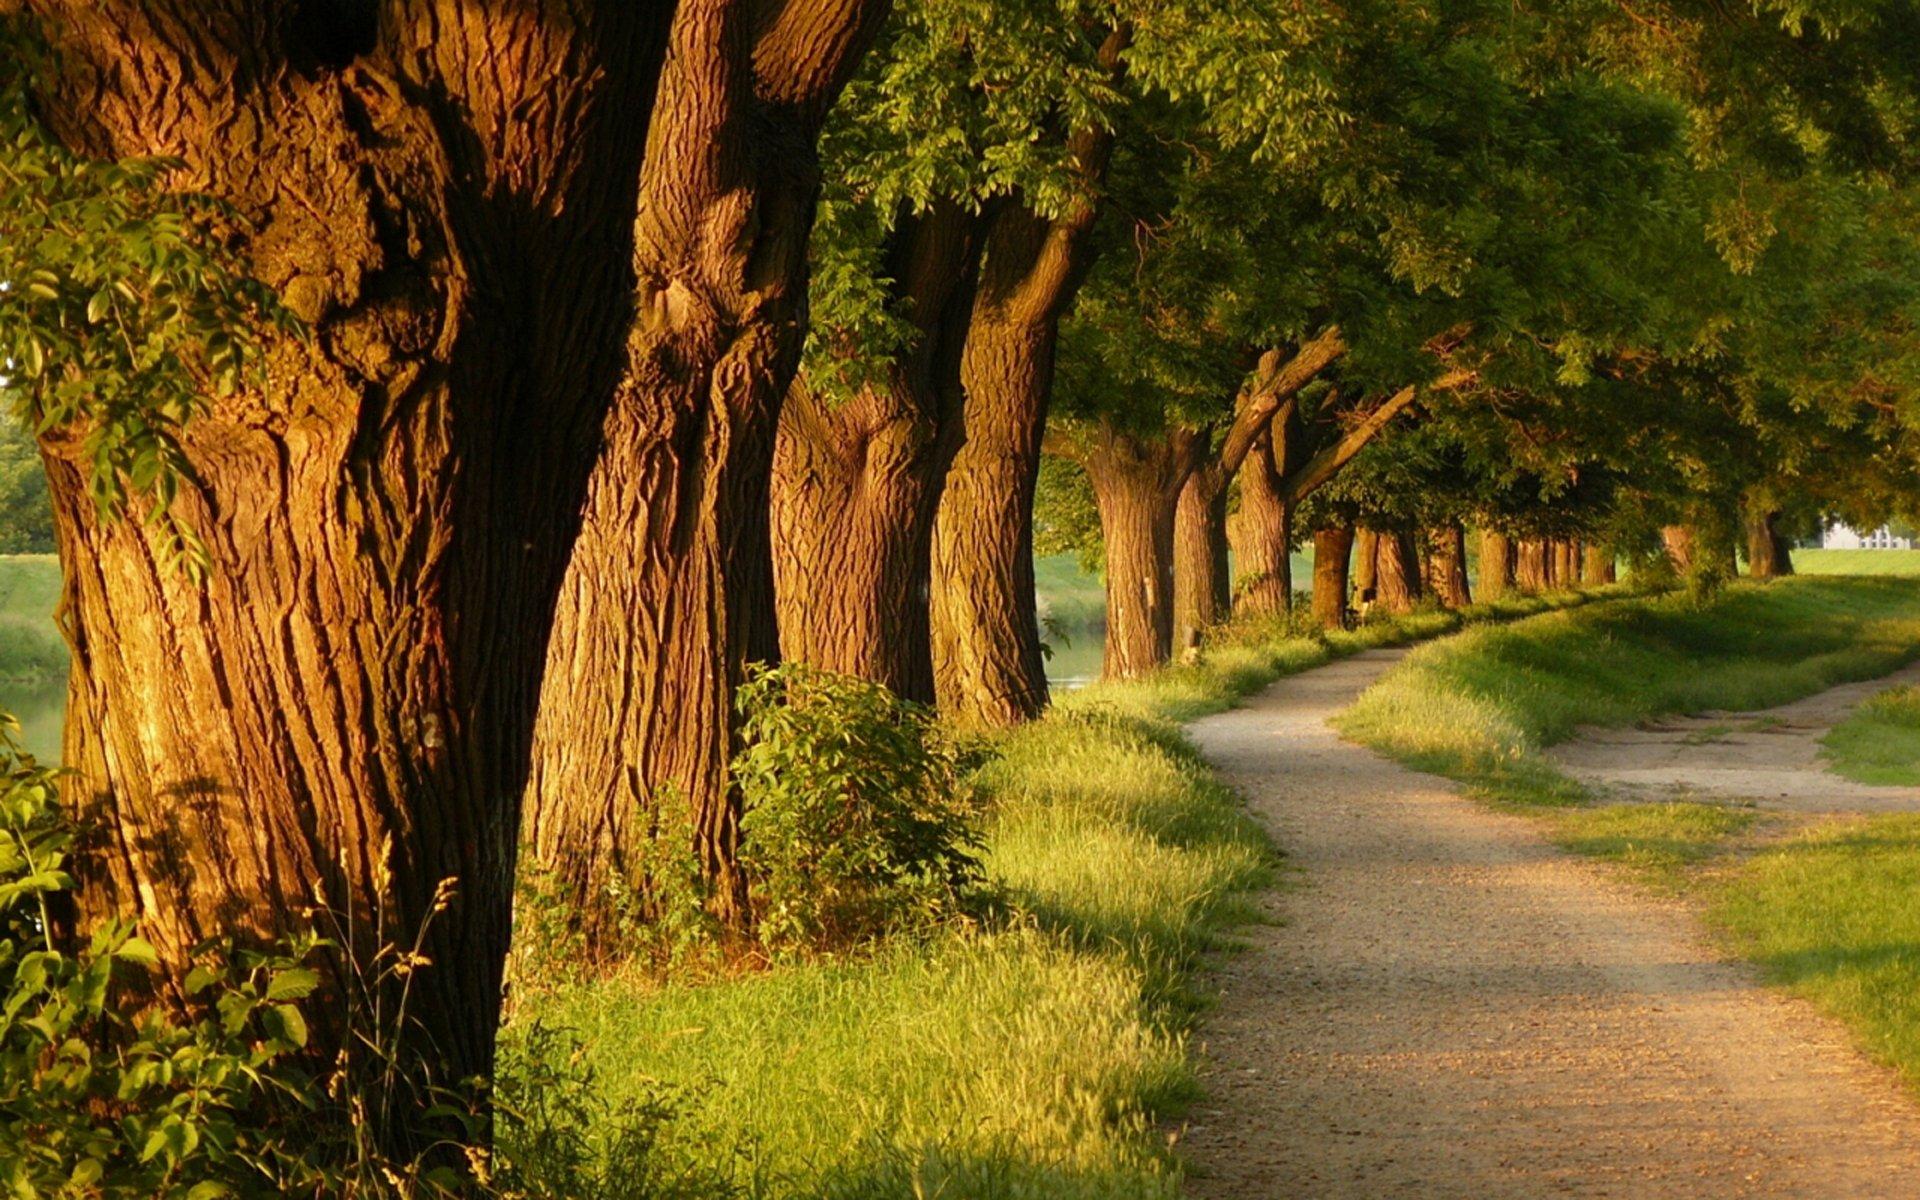 бесплатно фотообои на стену аллея деревьев у дороги постом